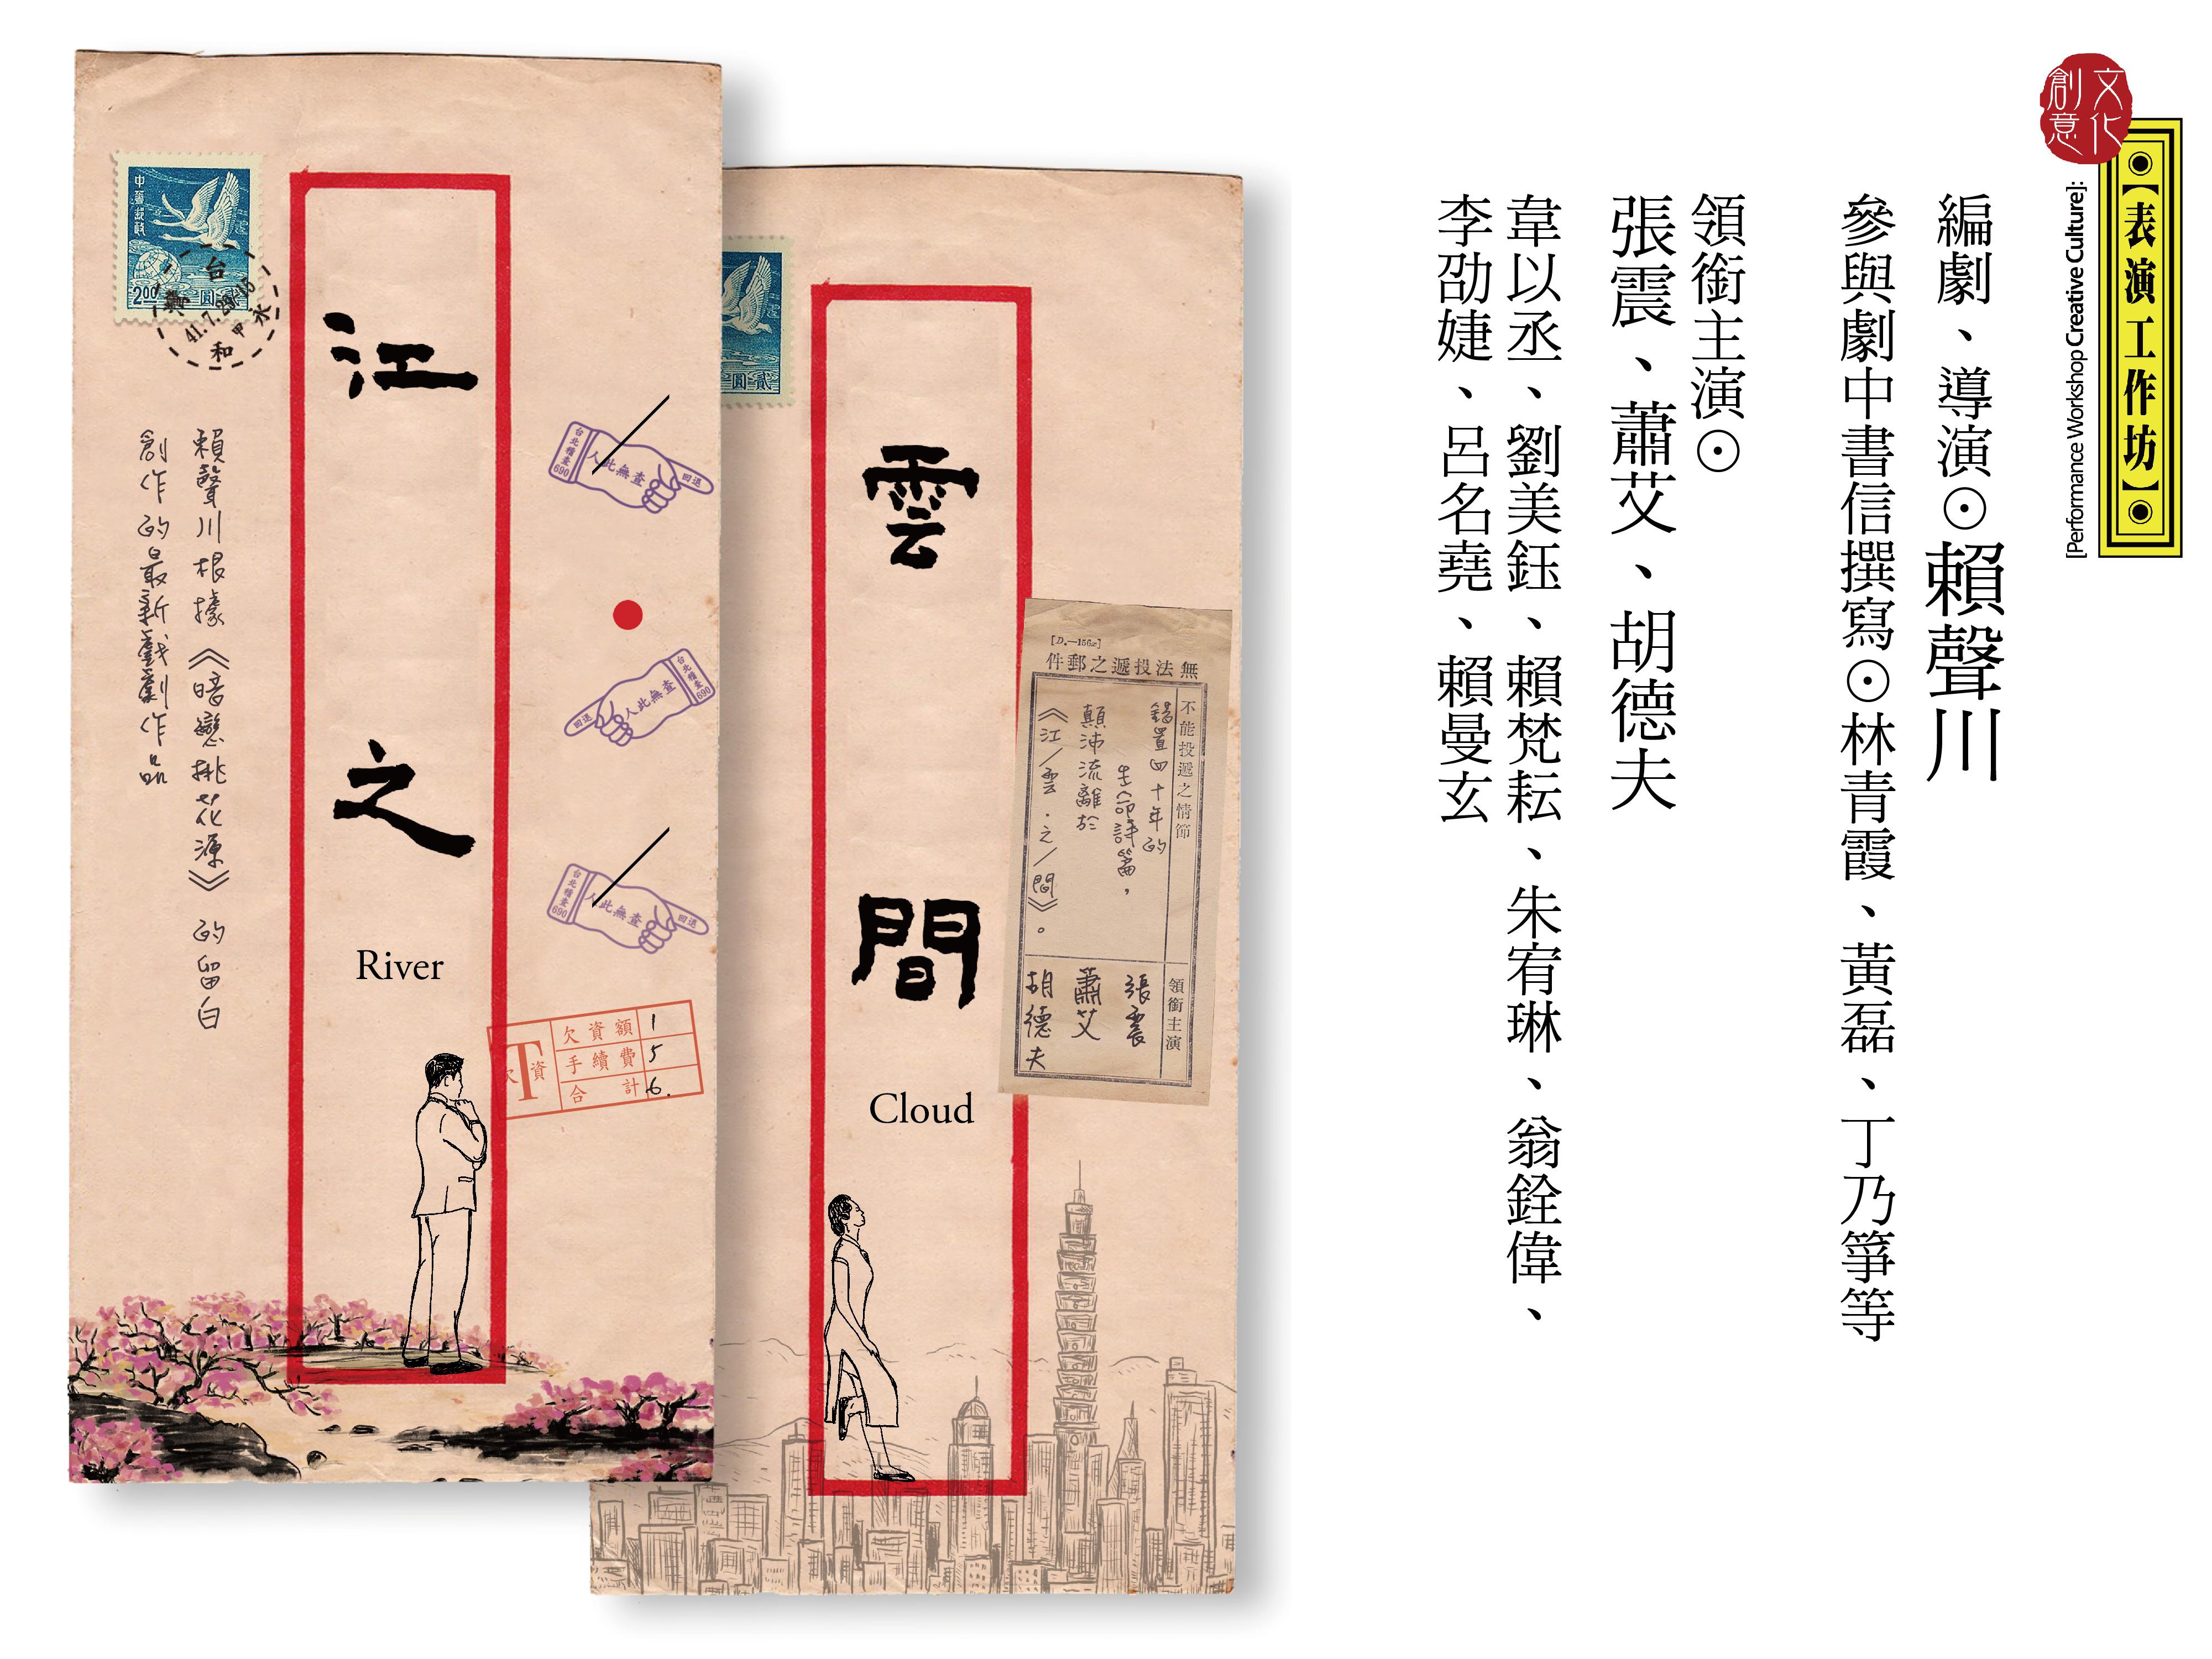 江雲之間1920X1440-表-03